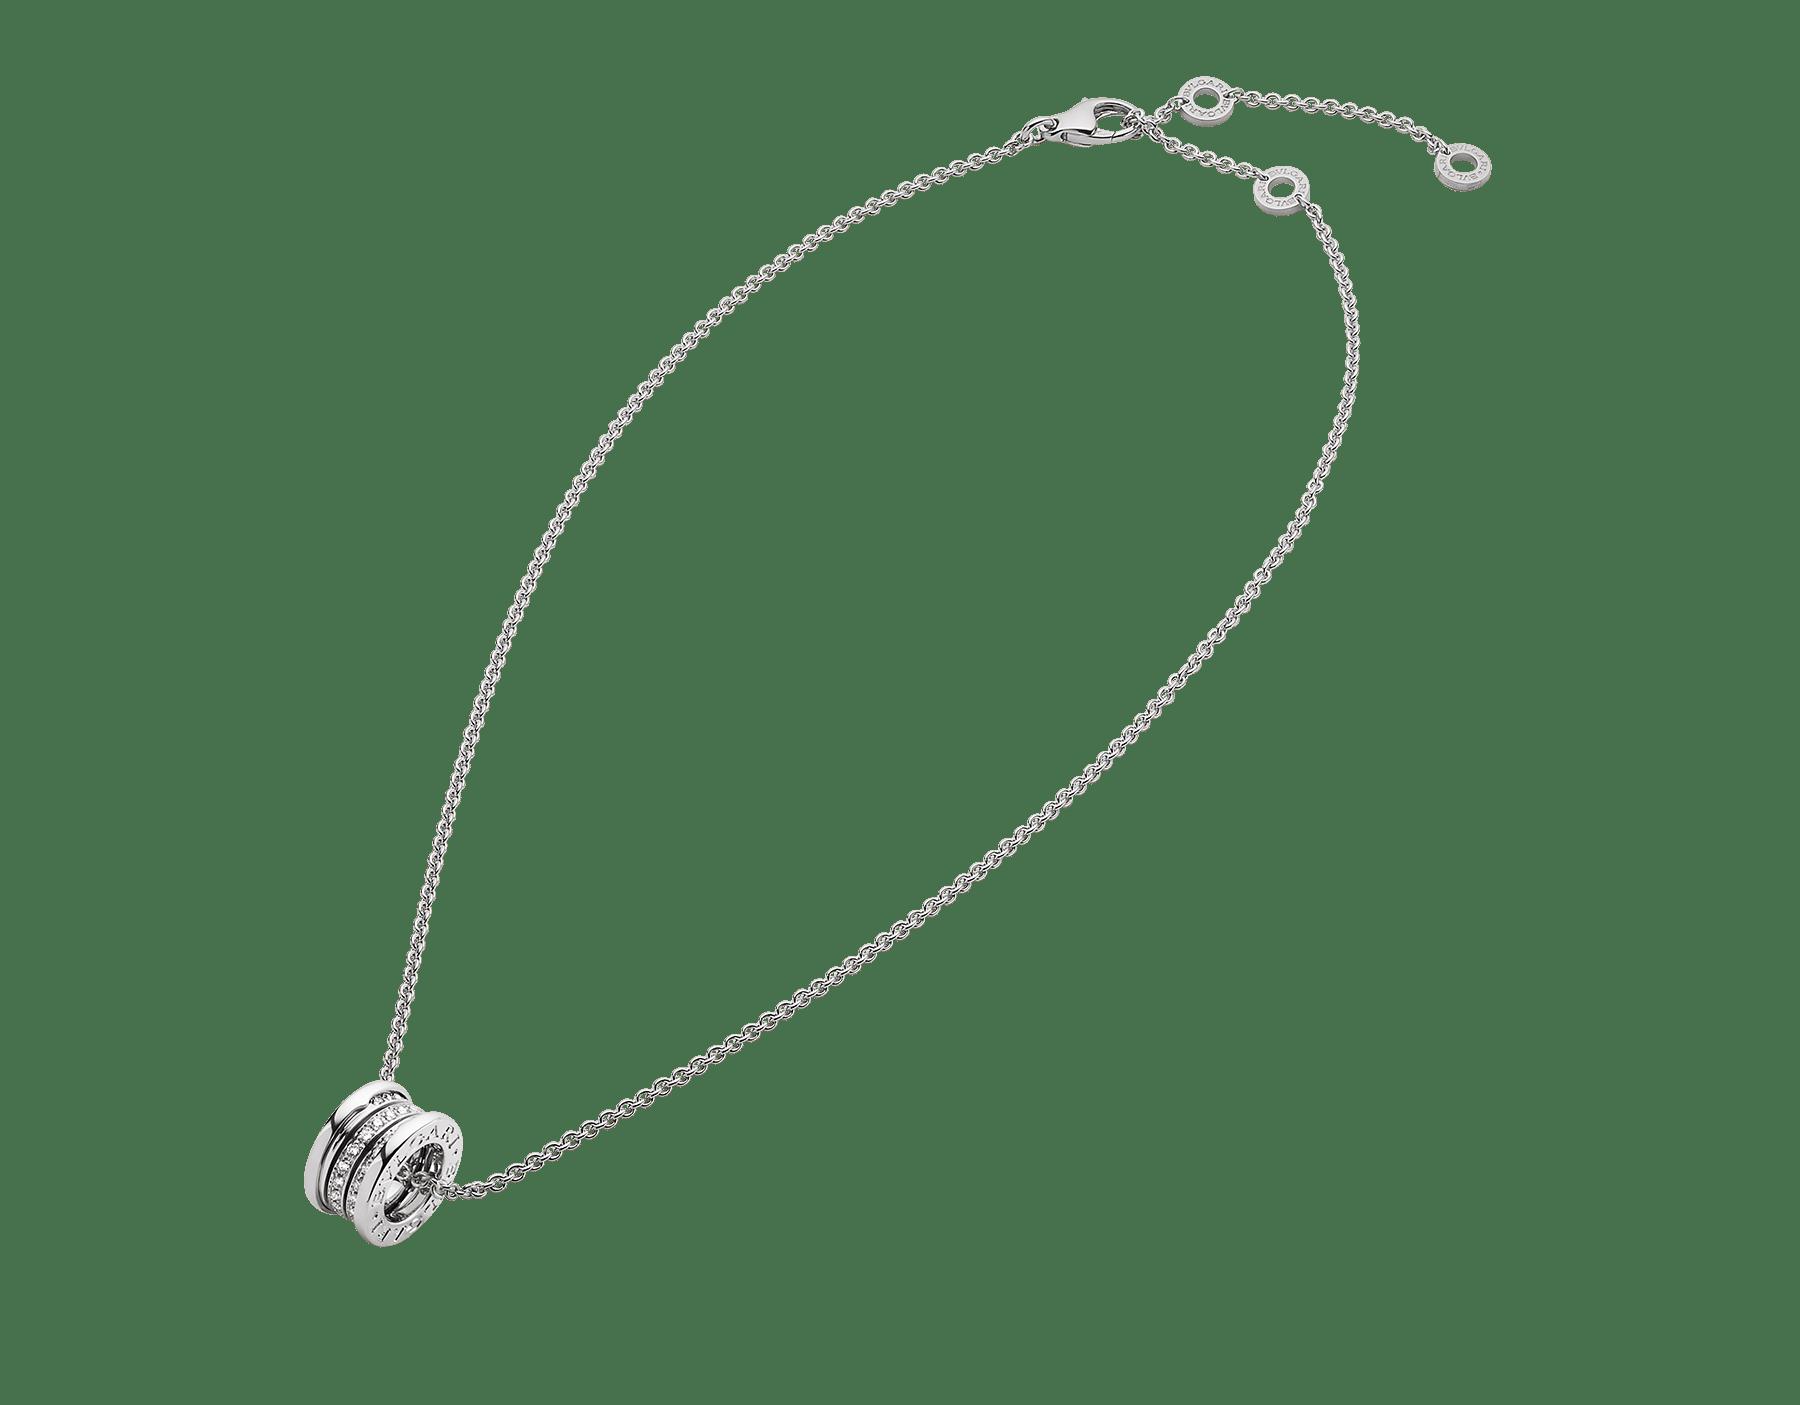 Con la emblemática espiral esculpida con un precioso pavé de diamantes alrededor de una cadena en oro blanco, el collar B.zero1 fusiona su distintivo diseño con la elegancia contemporánea. 352816 image 2